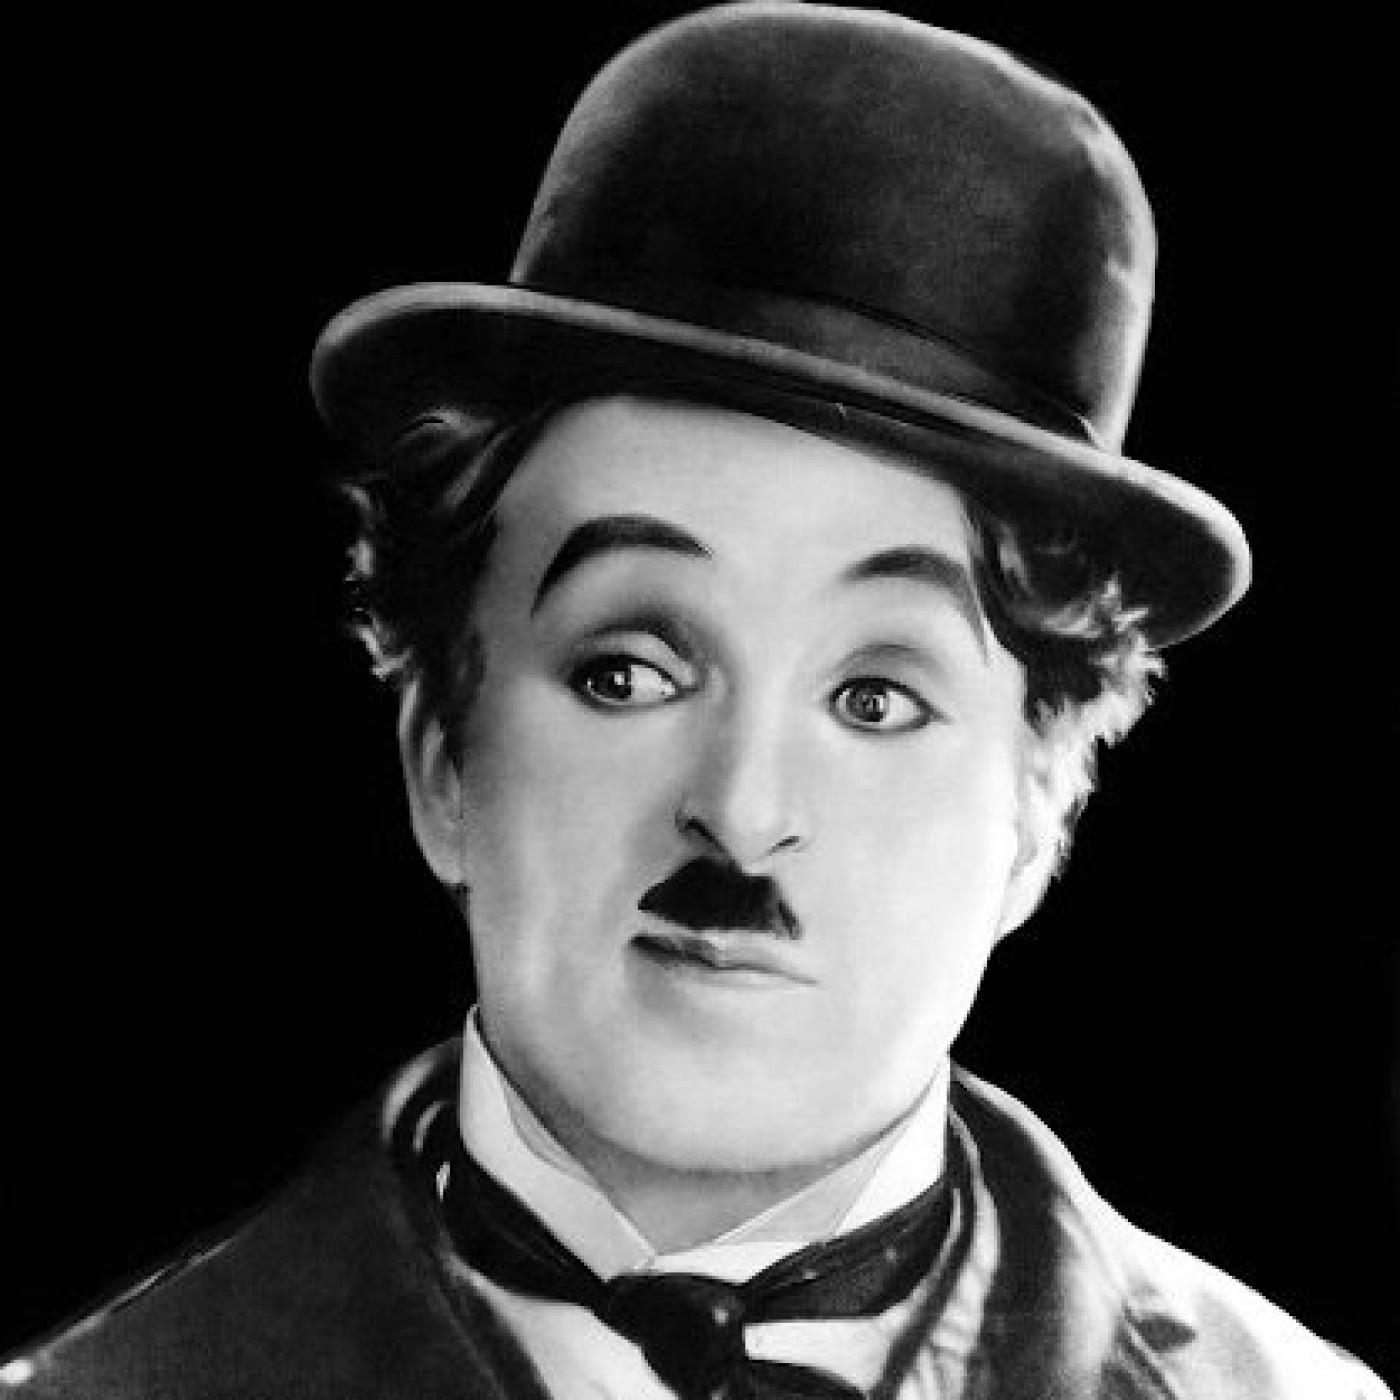 Des Racines et Déelle - Charlie Chaplin, entre génie et tumultes (24/02/20)